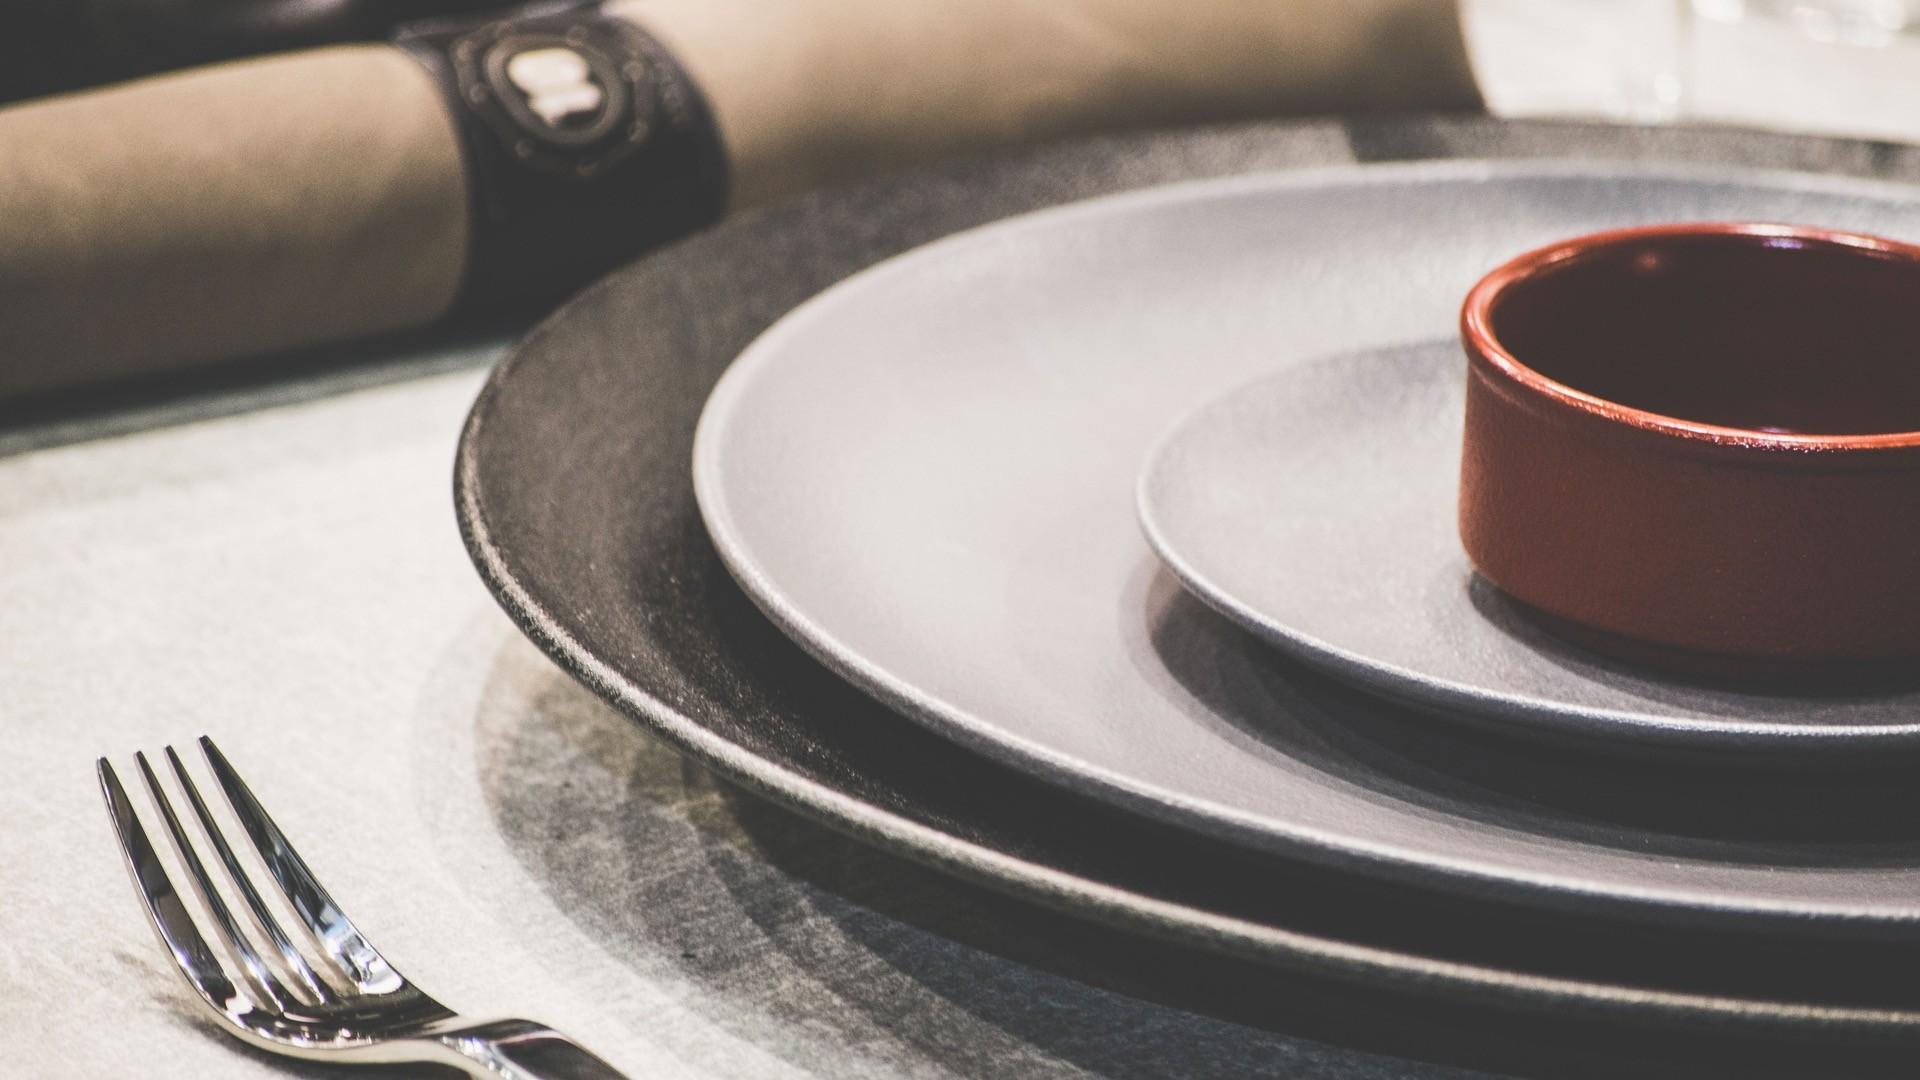 Подлежит ли посуда возврату согласно законодательству